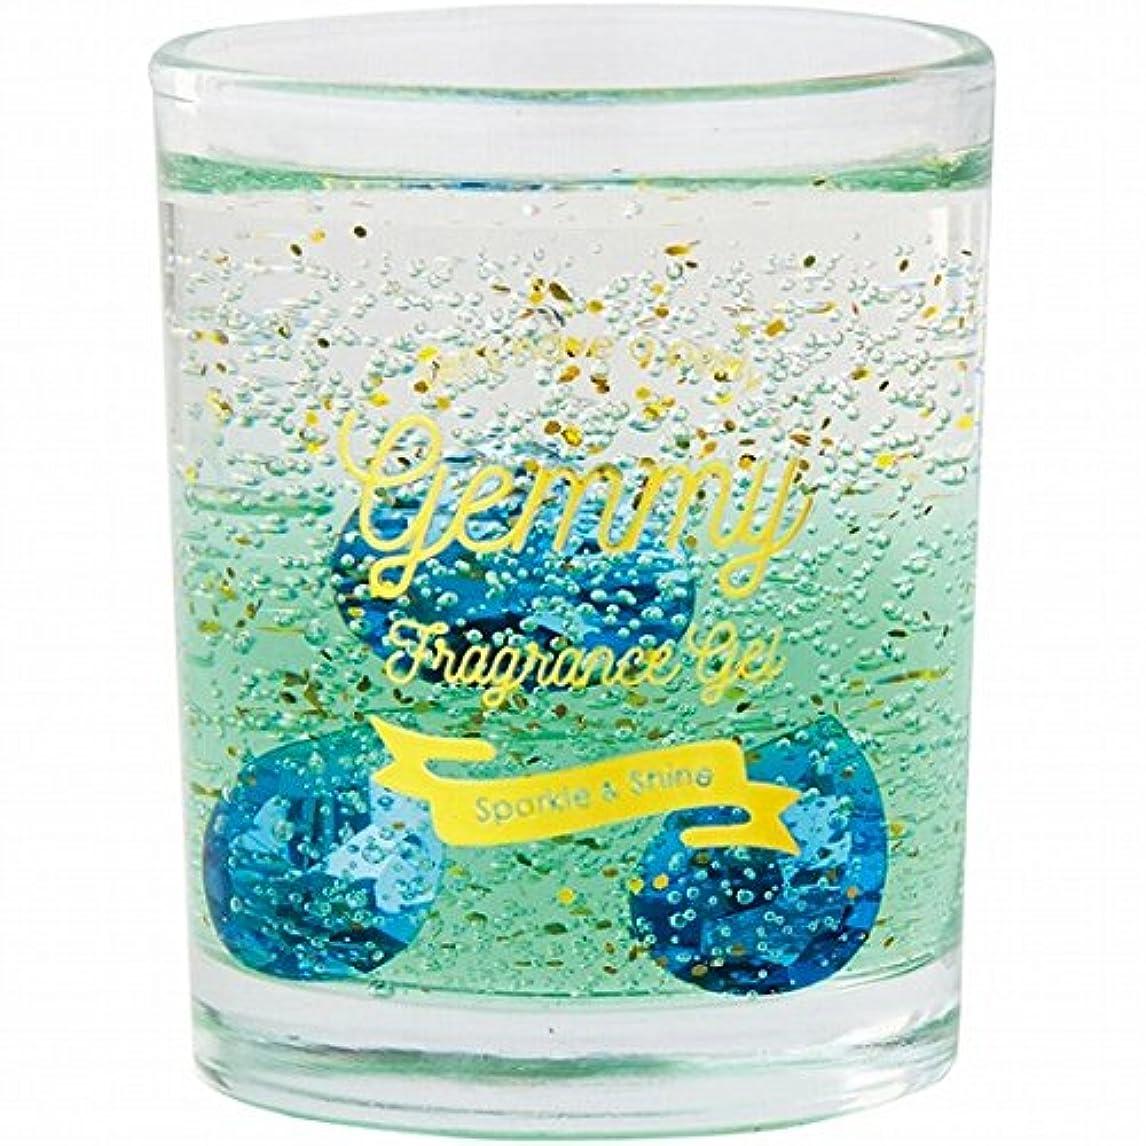 保護ラボスコットランド人kameyama candle(カメヤマキャンドル) GEMMY(ジェミー) フレグランスジェル 「タイム」6個セット(E3310510)